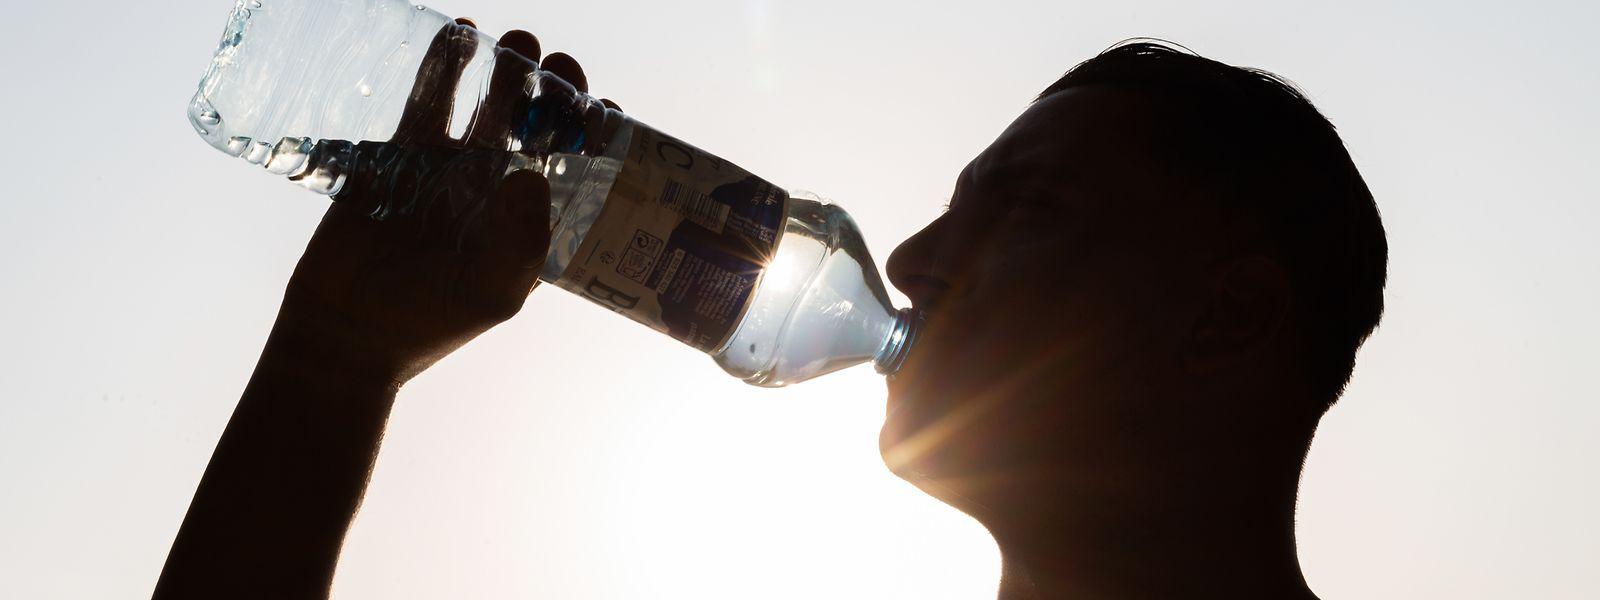 Bei hohen Temperaturen ist es wichtig, viel Wasser zu trinken.